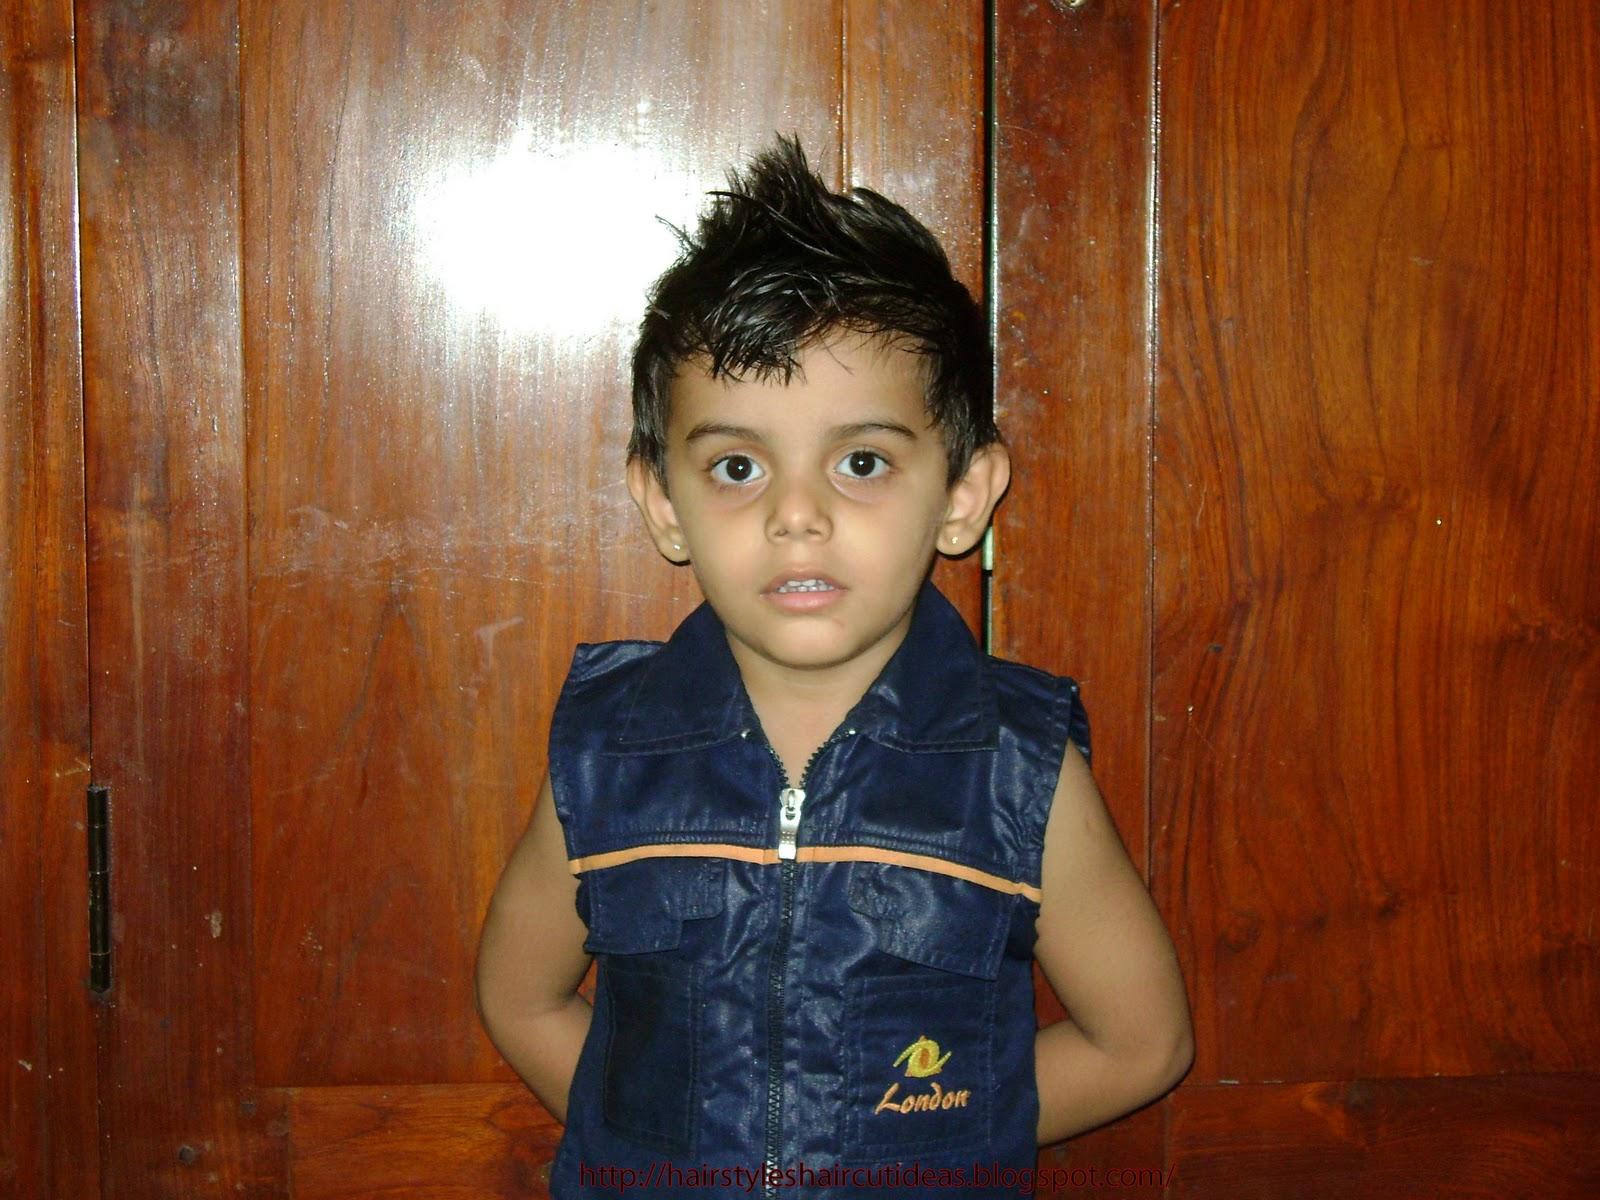 http://2.bp.blogspot.com/-FcA9793-UDY/Twv6ne5-vwI/AAAAAAAAPAA/Gmxh7uzzPr8/s1600/boys_fauxhawk_haircut_kids_hairstyle.JPG